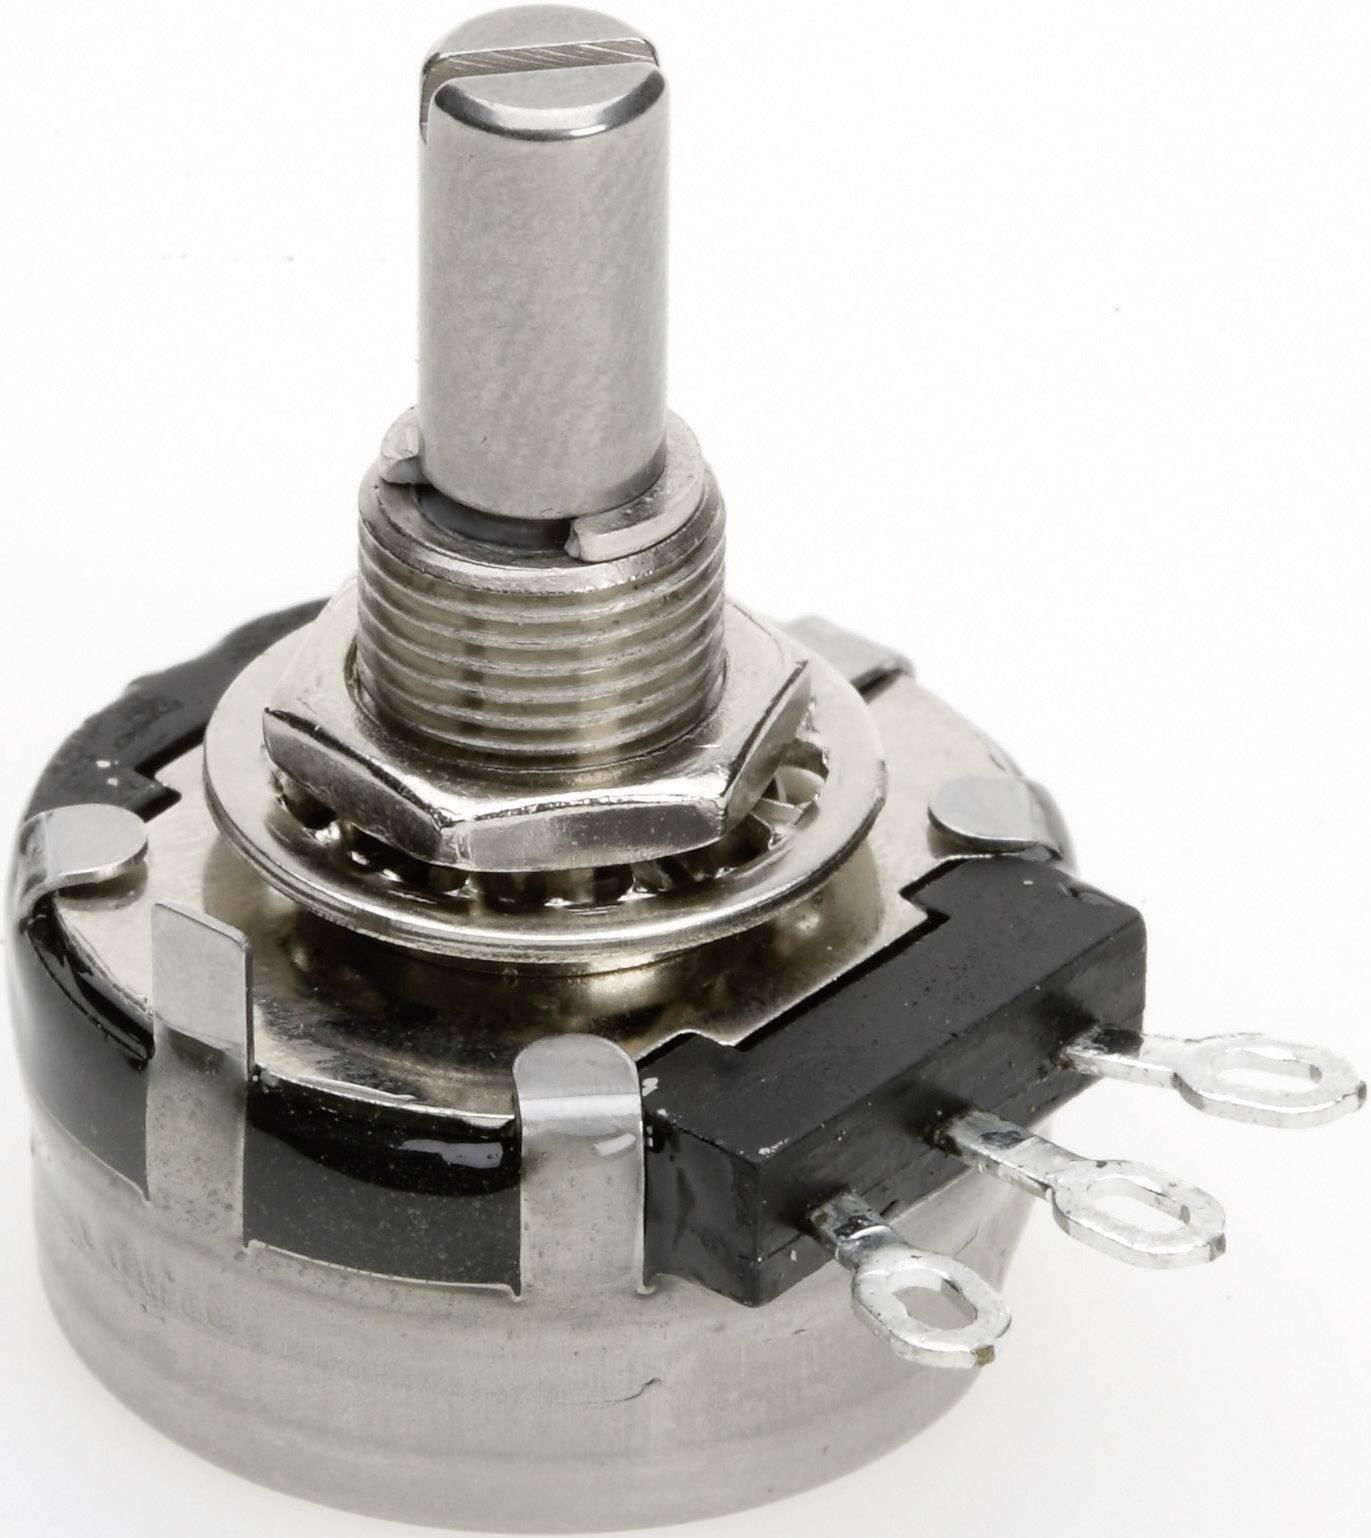 Cermetový potenciometer TT Electro, 4114815315, 100 kΩ, 2 W, ± 10%